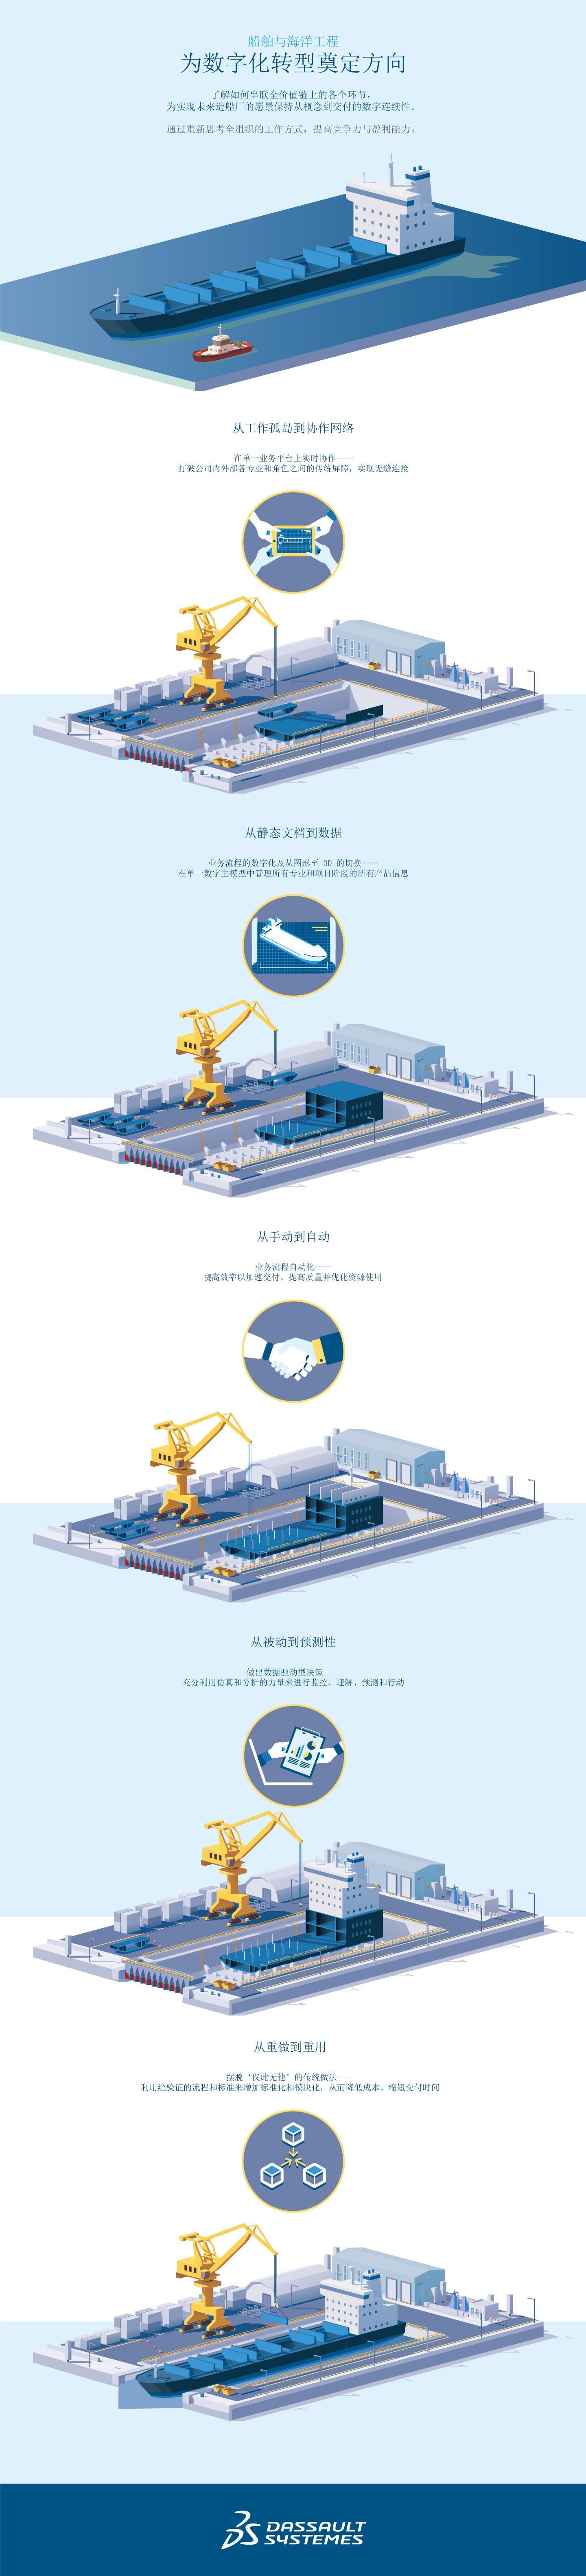 数字化船厂 > 数字化转型 > Dassault Systèmes®